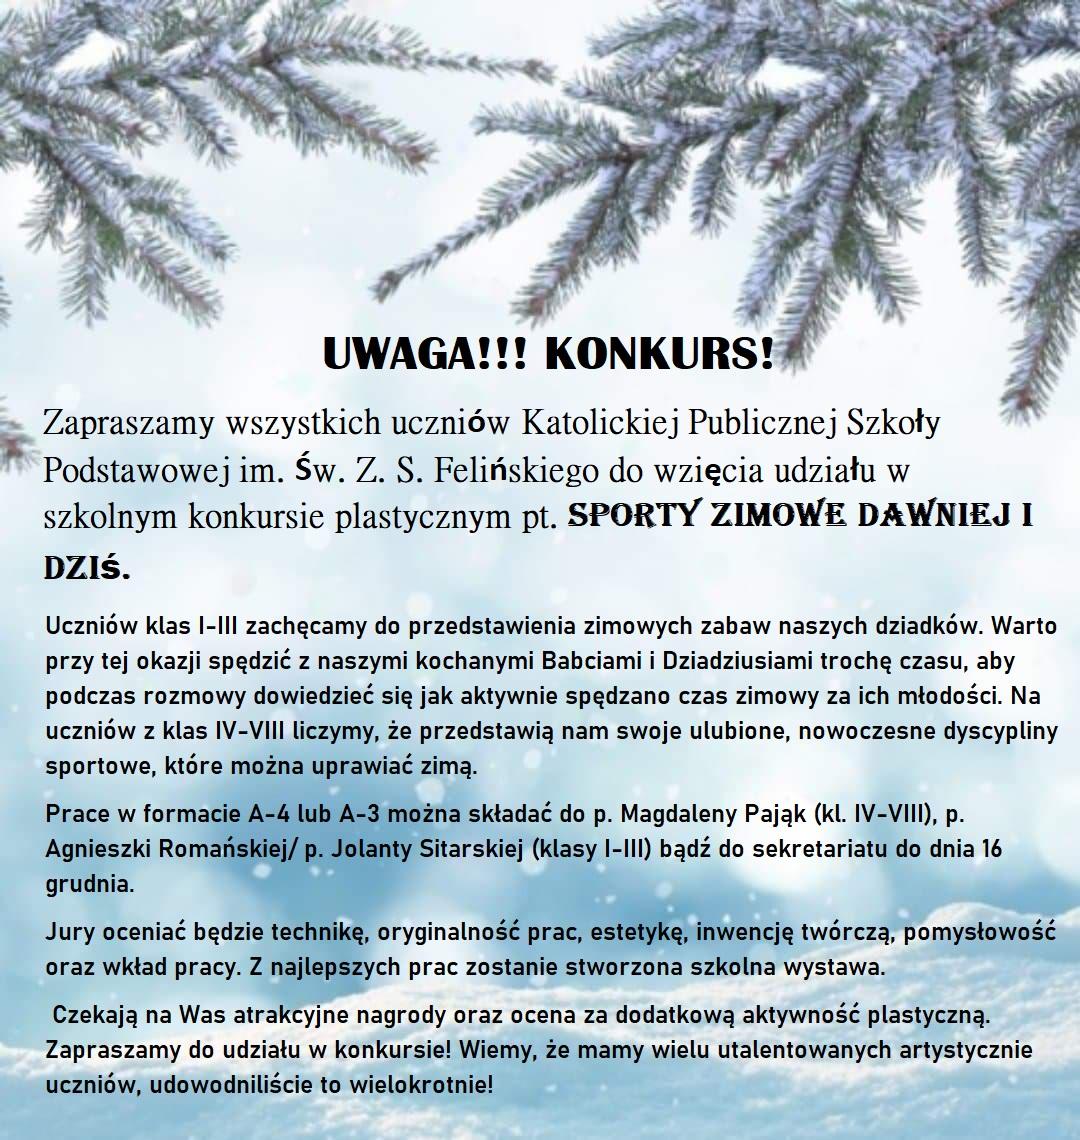 Sporty zimowe dawniej i dziś